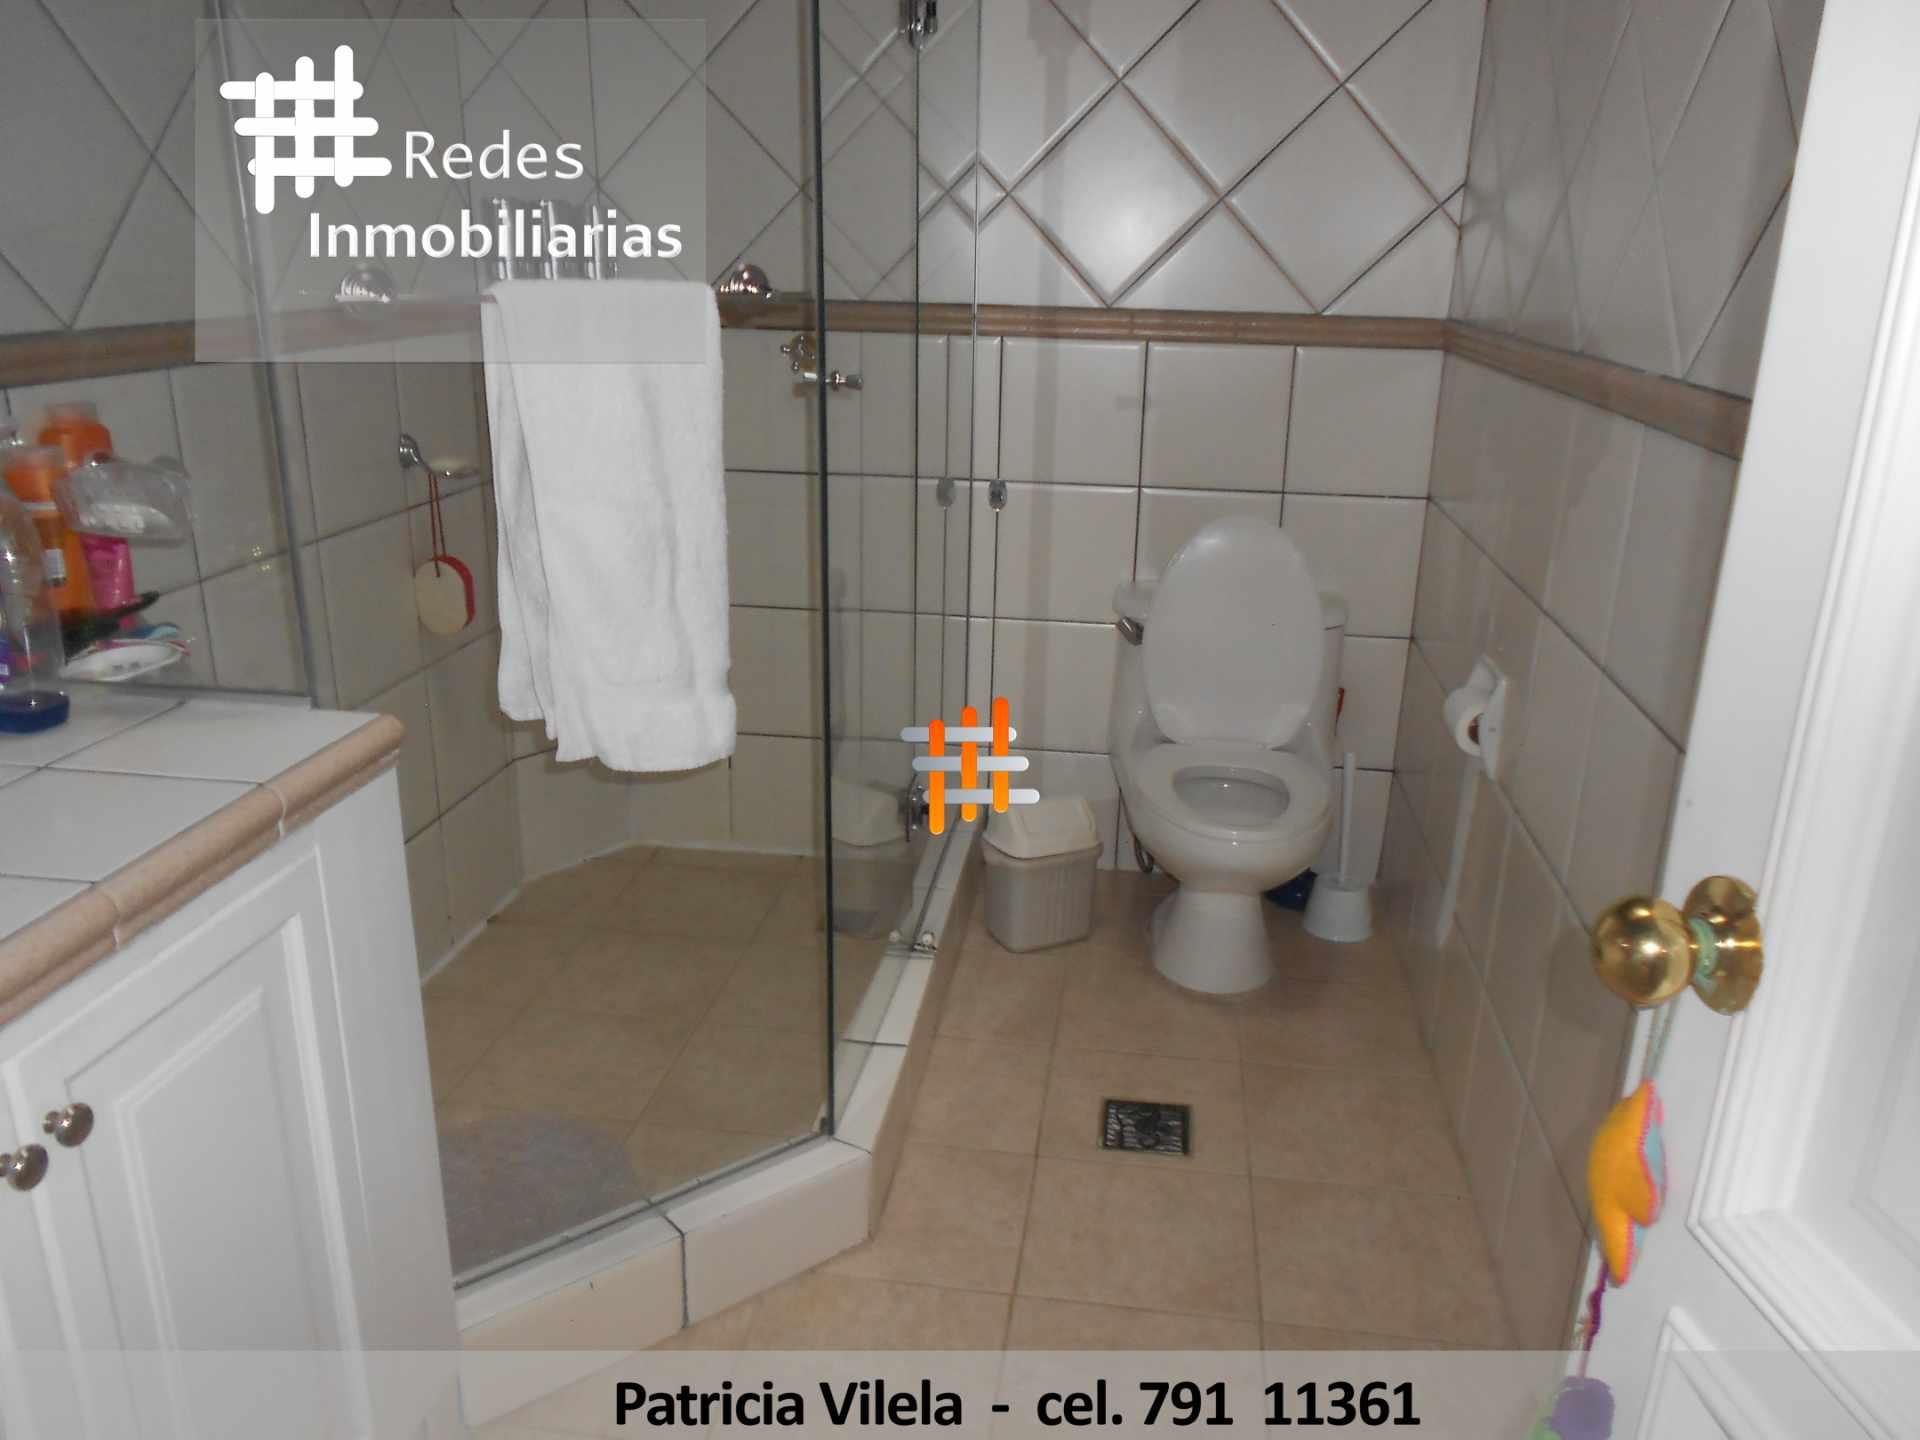 Casa en Venta HERMOSA CASA EN VENTA EN ACHUMANI URBANIZACION PRIVADA UNICA EN SU ESTILO TOTALMENTE AUTENTICA HERMOSA  Foto 17